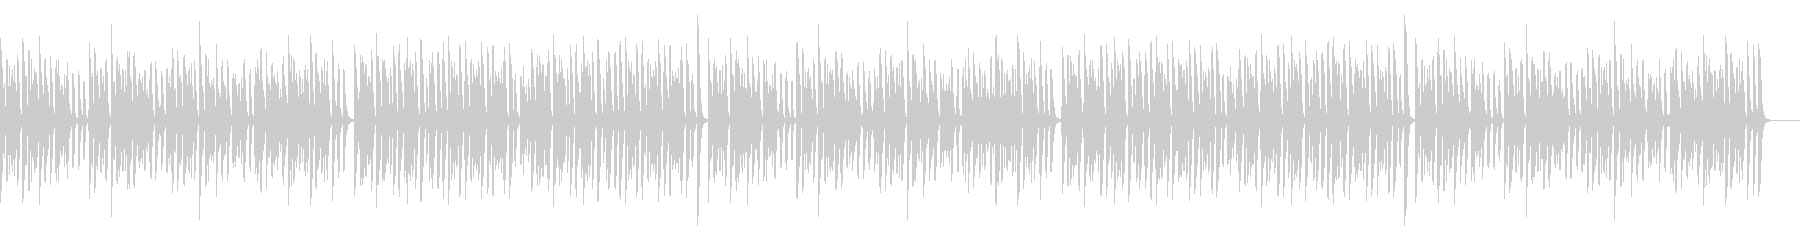 コミカルでレトロ可愛いピアノソロの未再生の波形